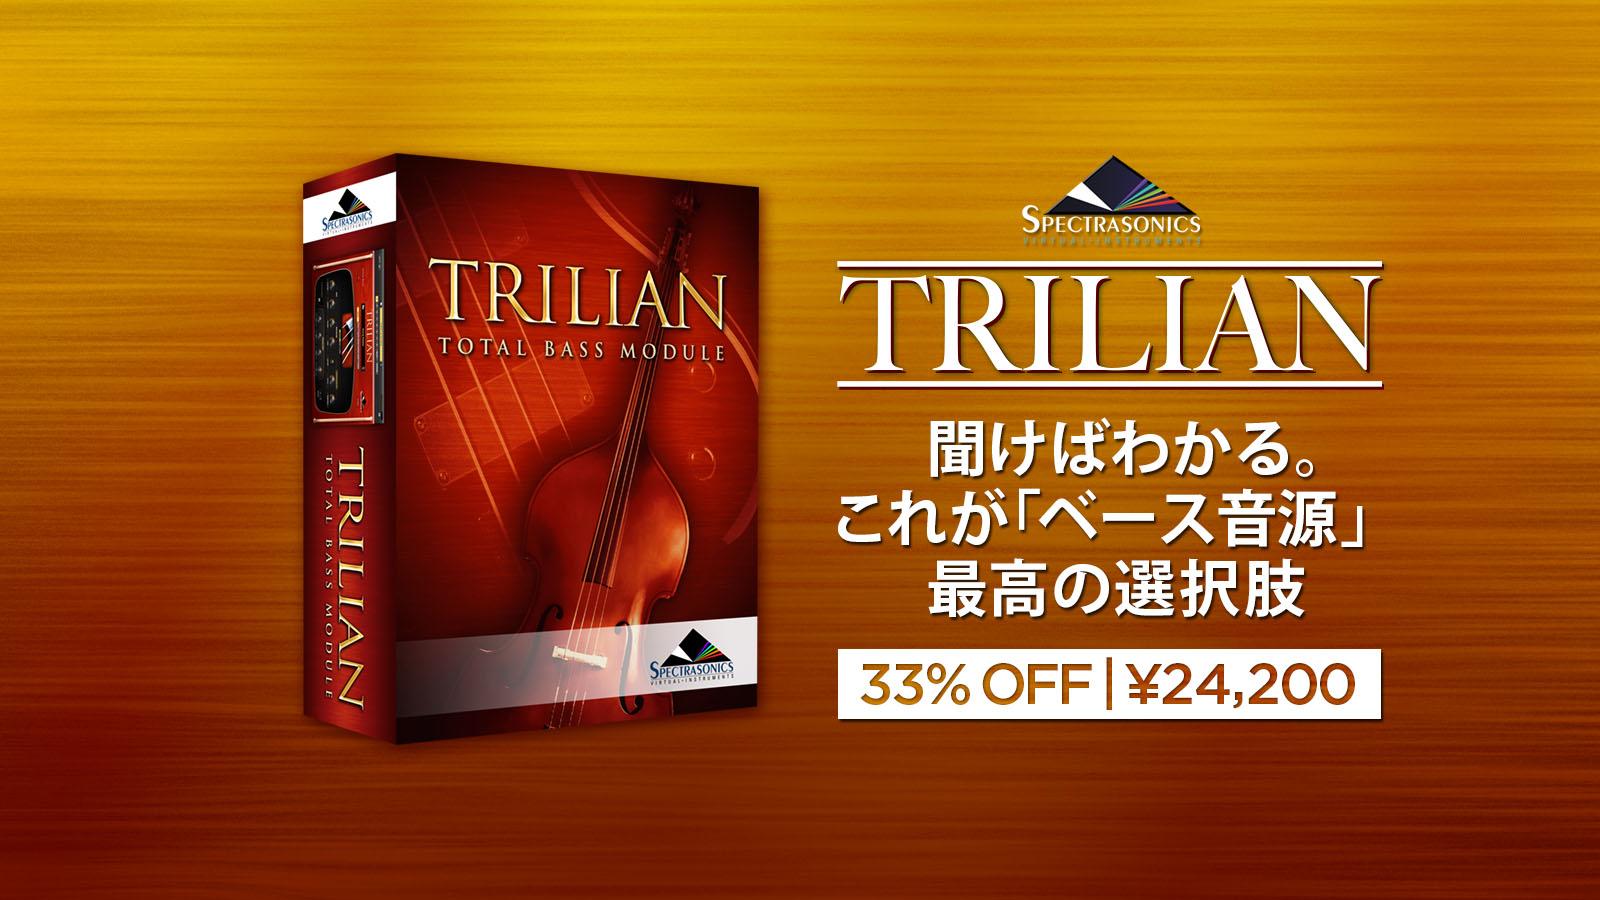 Spectrasonics Trilianが日本限定価格!聞けばわかる。これが「ベース音源」最高の選択肢